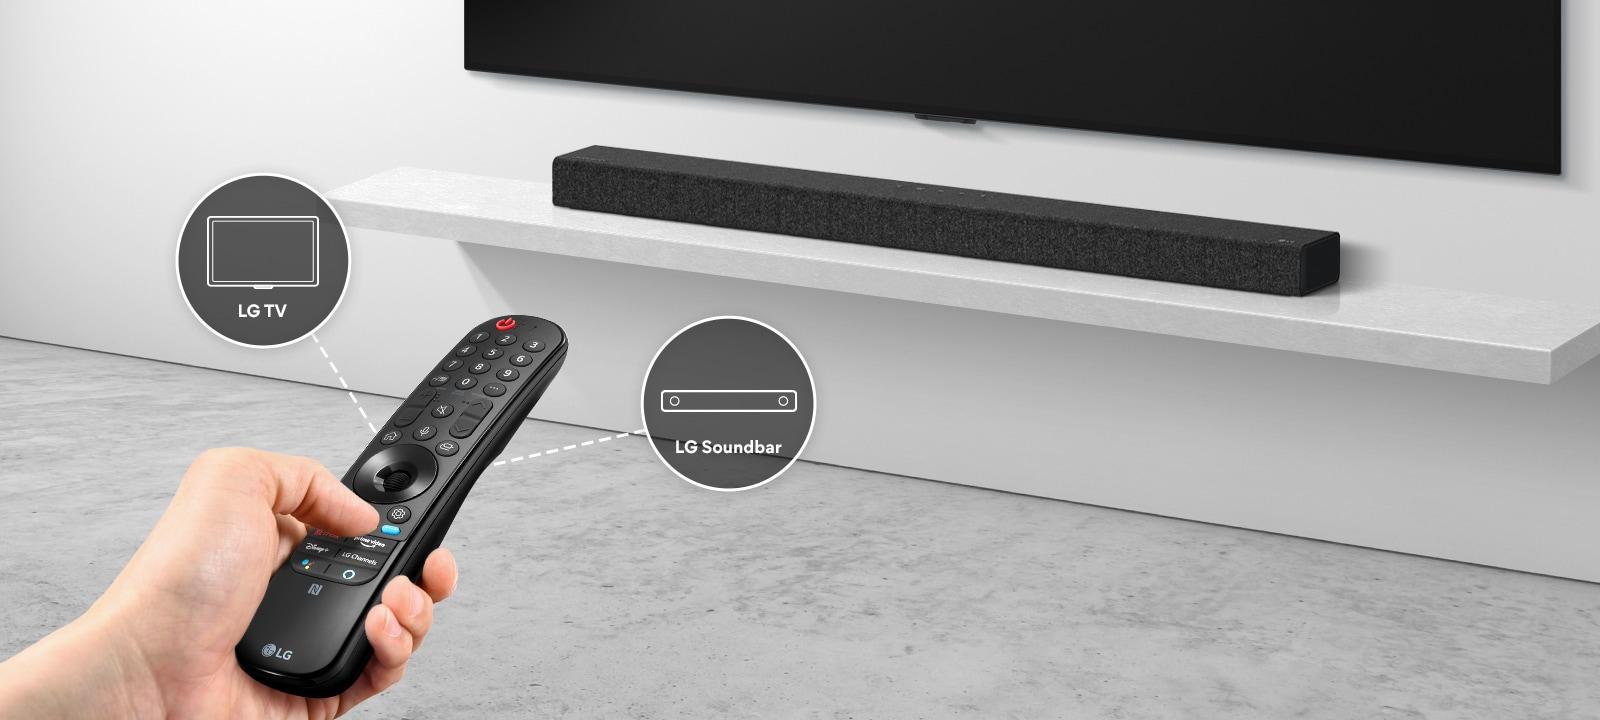 Một người đang cầm một chiếc điều khiển từ xa, điều khiển TV và loa soundbar ở phía sau. Có các biểu tượng của LG TV và LG Soundbar.